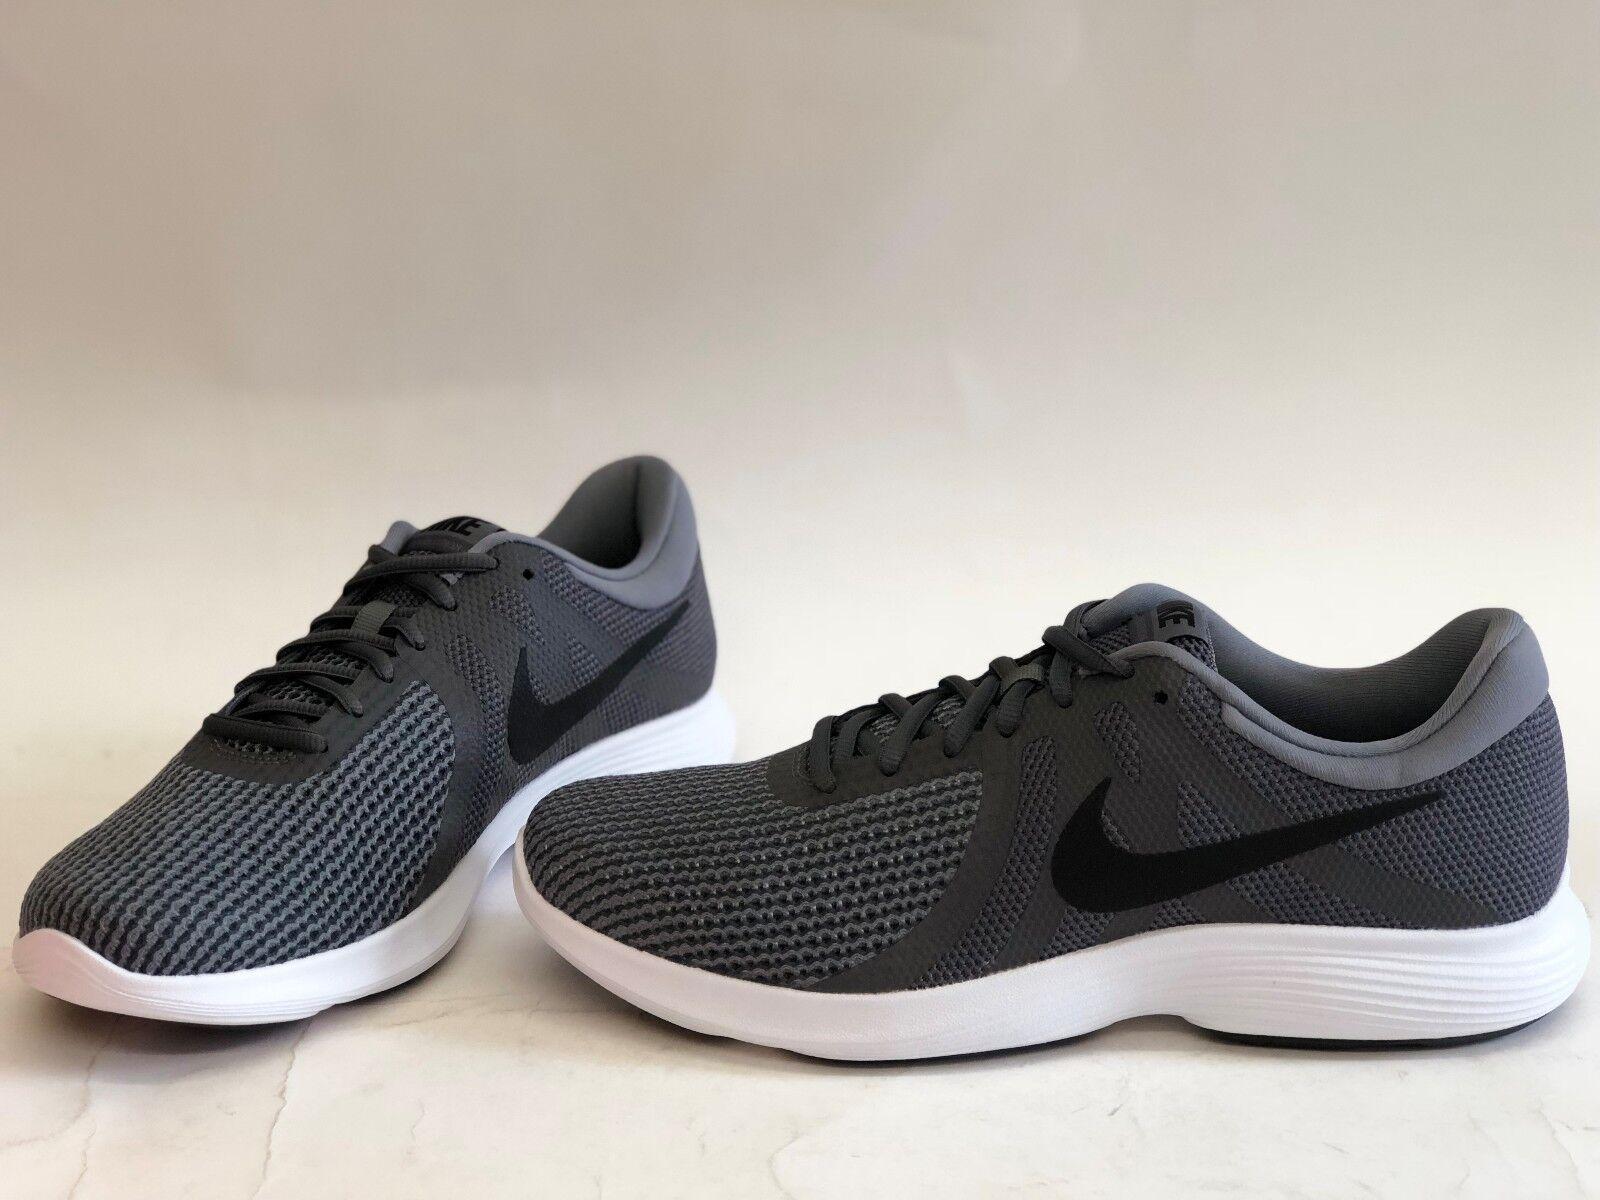 Pennino Uomo dimensioni 11,5 nike rivoluzione 4 in scarpe da ginnastica grigia 908988-010